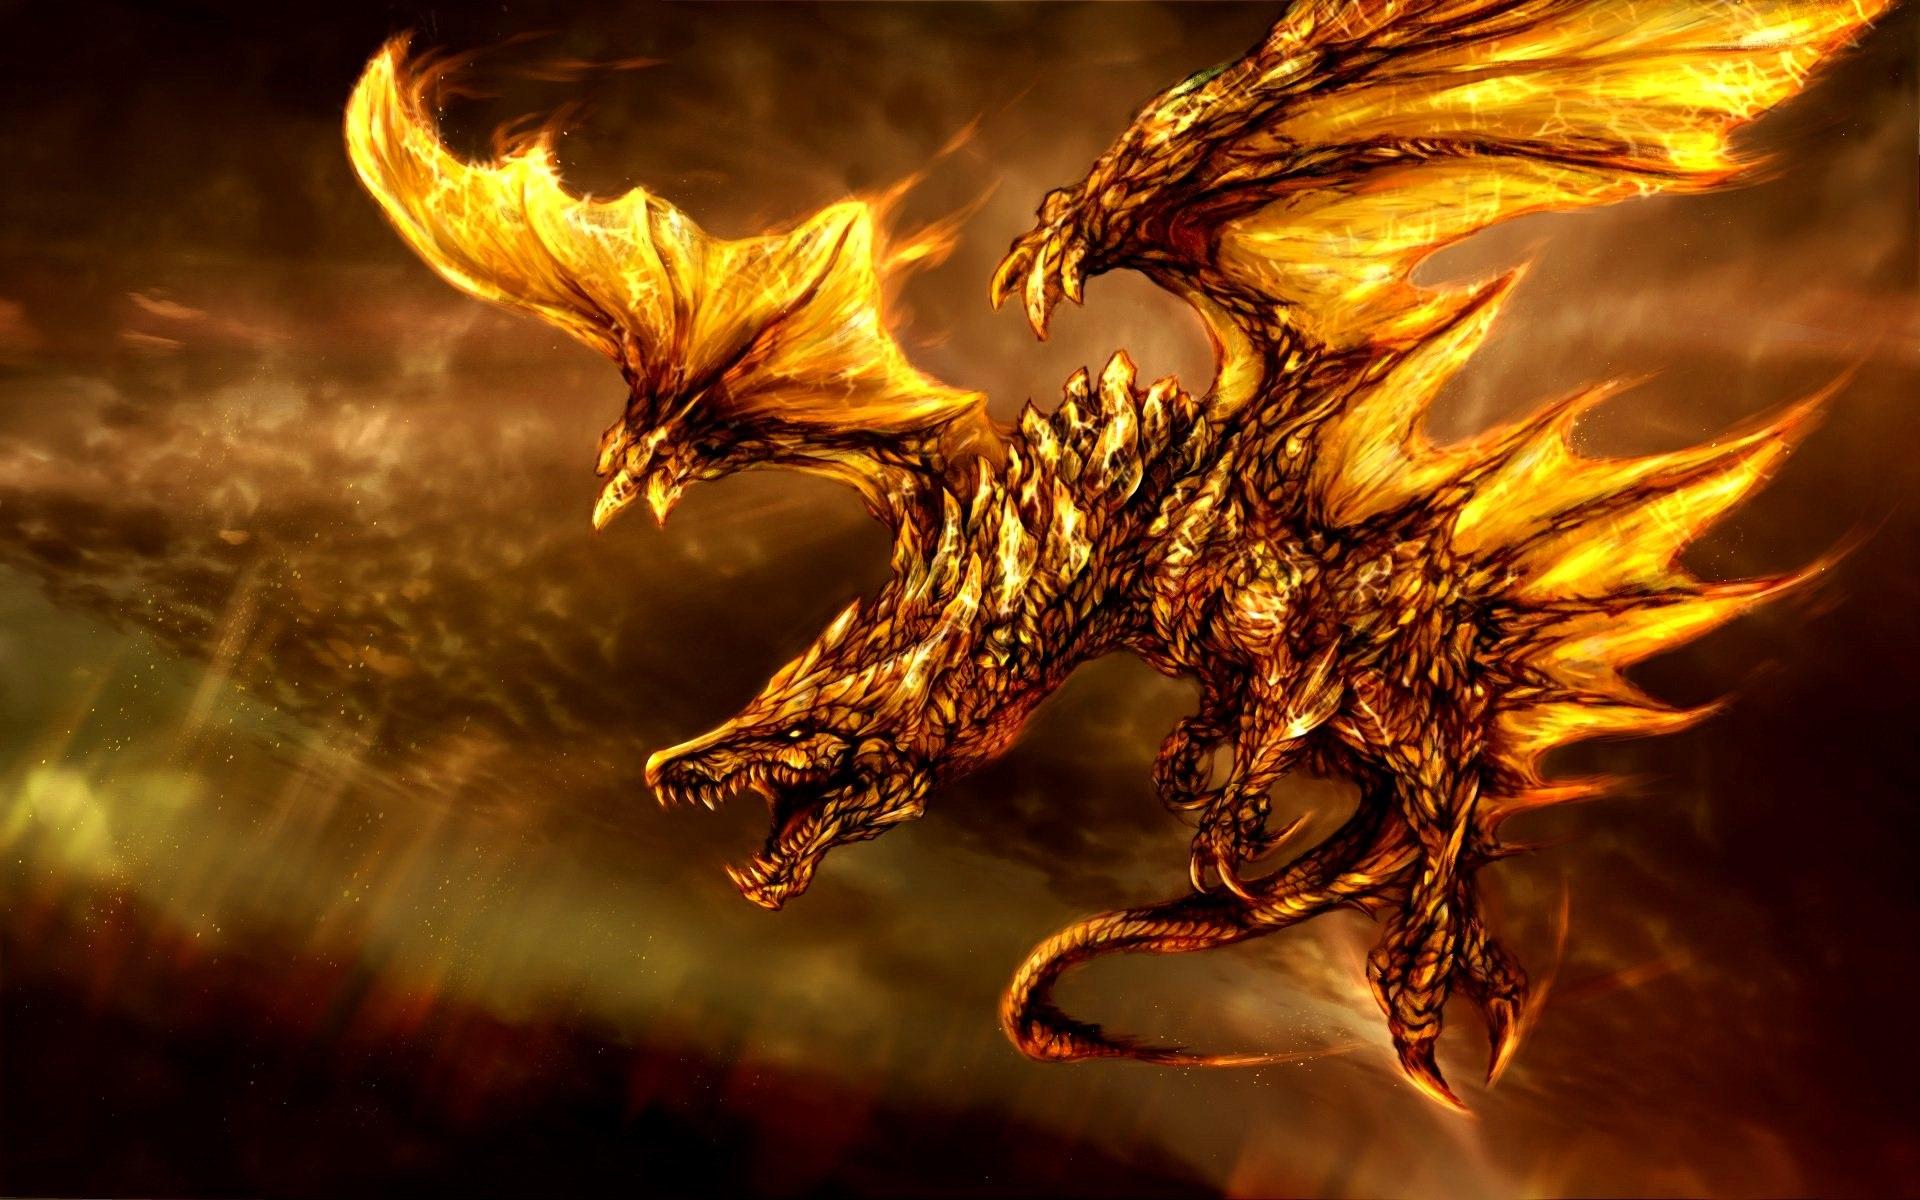 Fonds Décran Fantasy 3d Dragon Feu Ailes 1920x1200 Hd Image